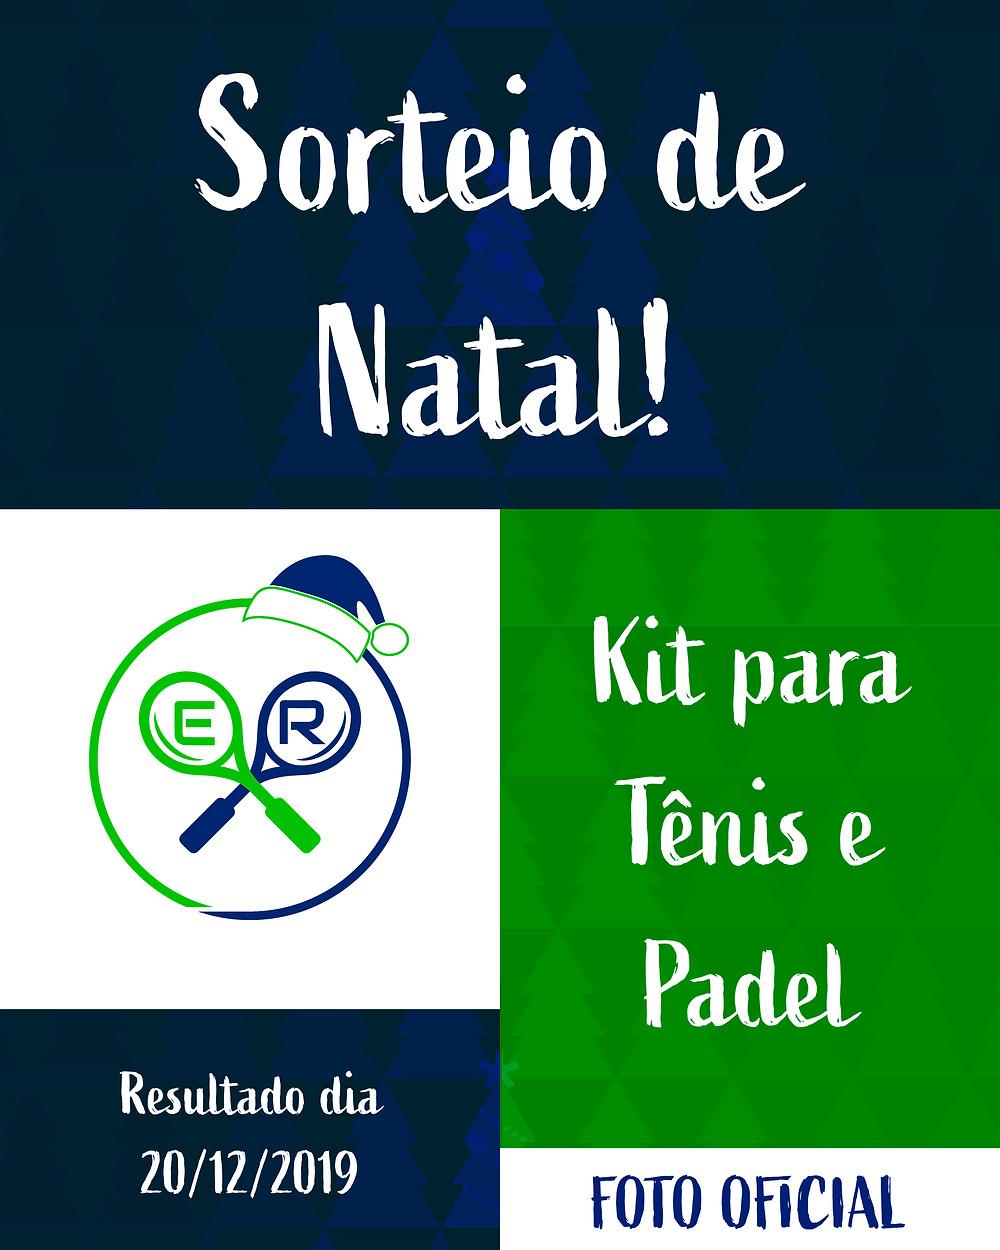 Foto Oficial do Sorteio de Natal da Er Esportes - Aulas de Tênis e Padel em gravataí e cachoeirinha